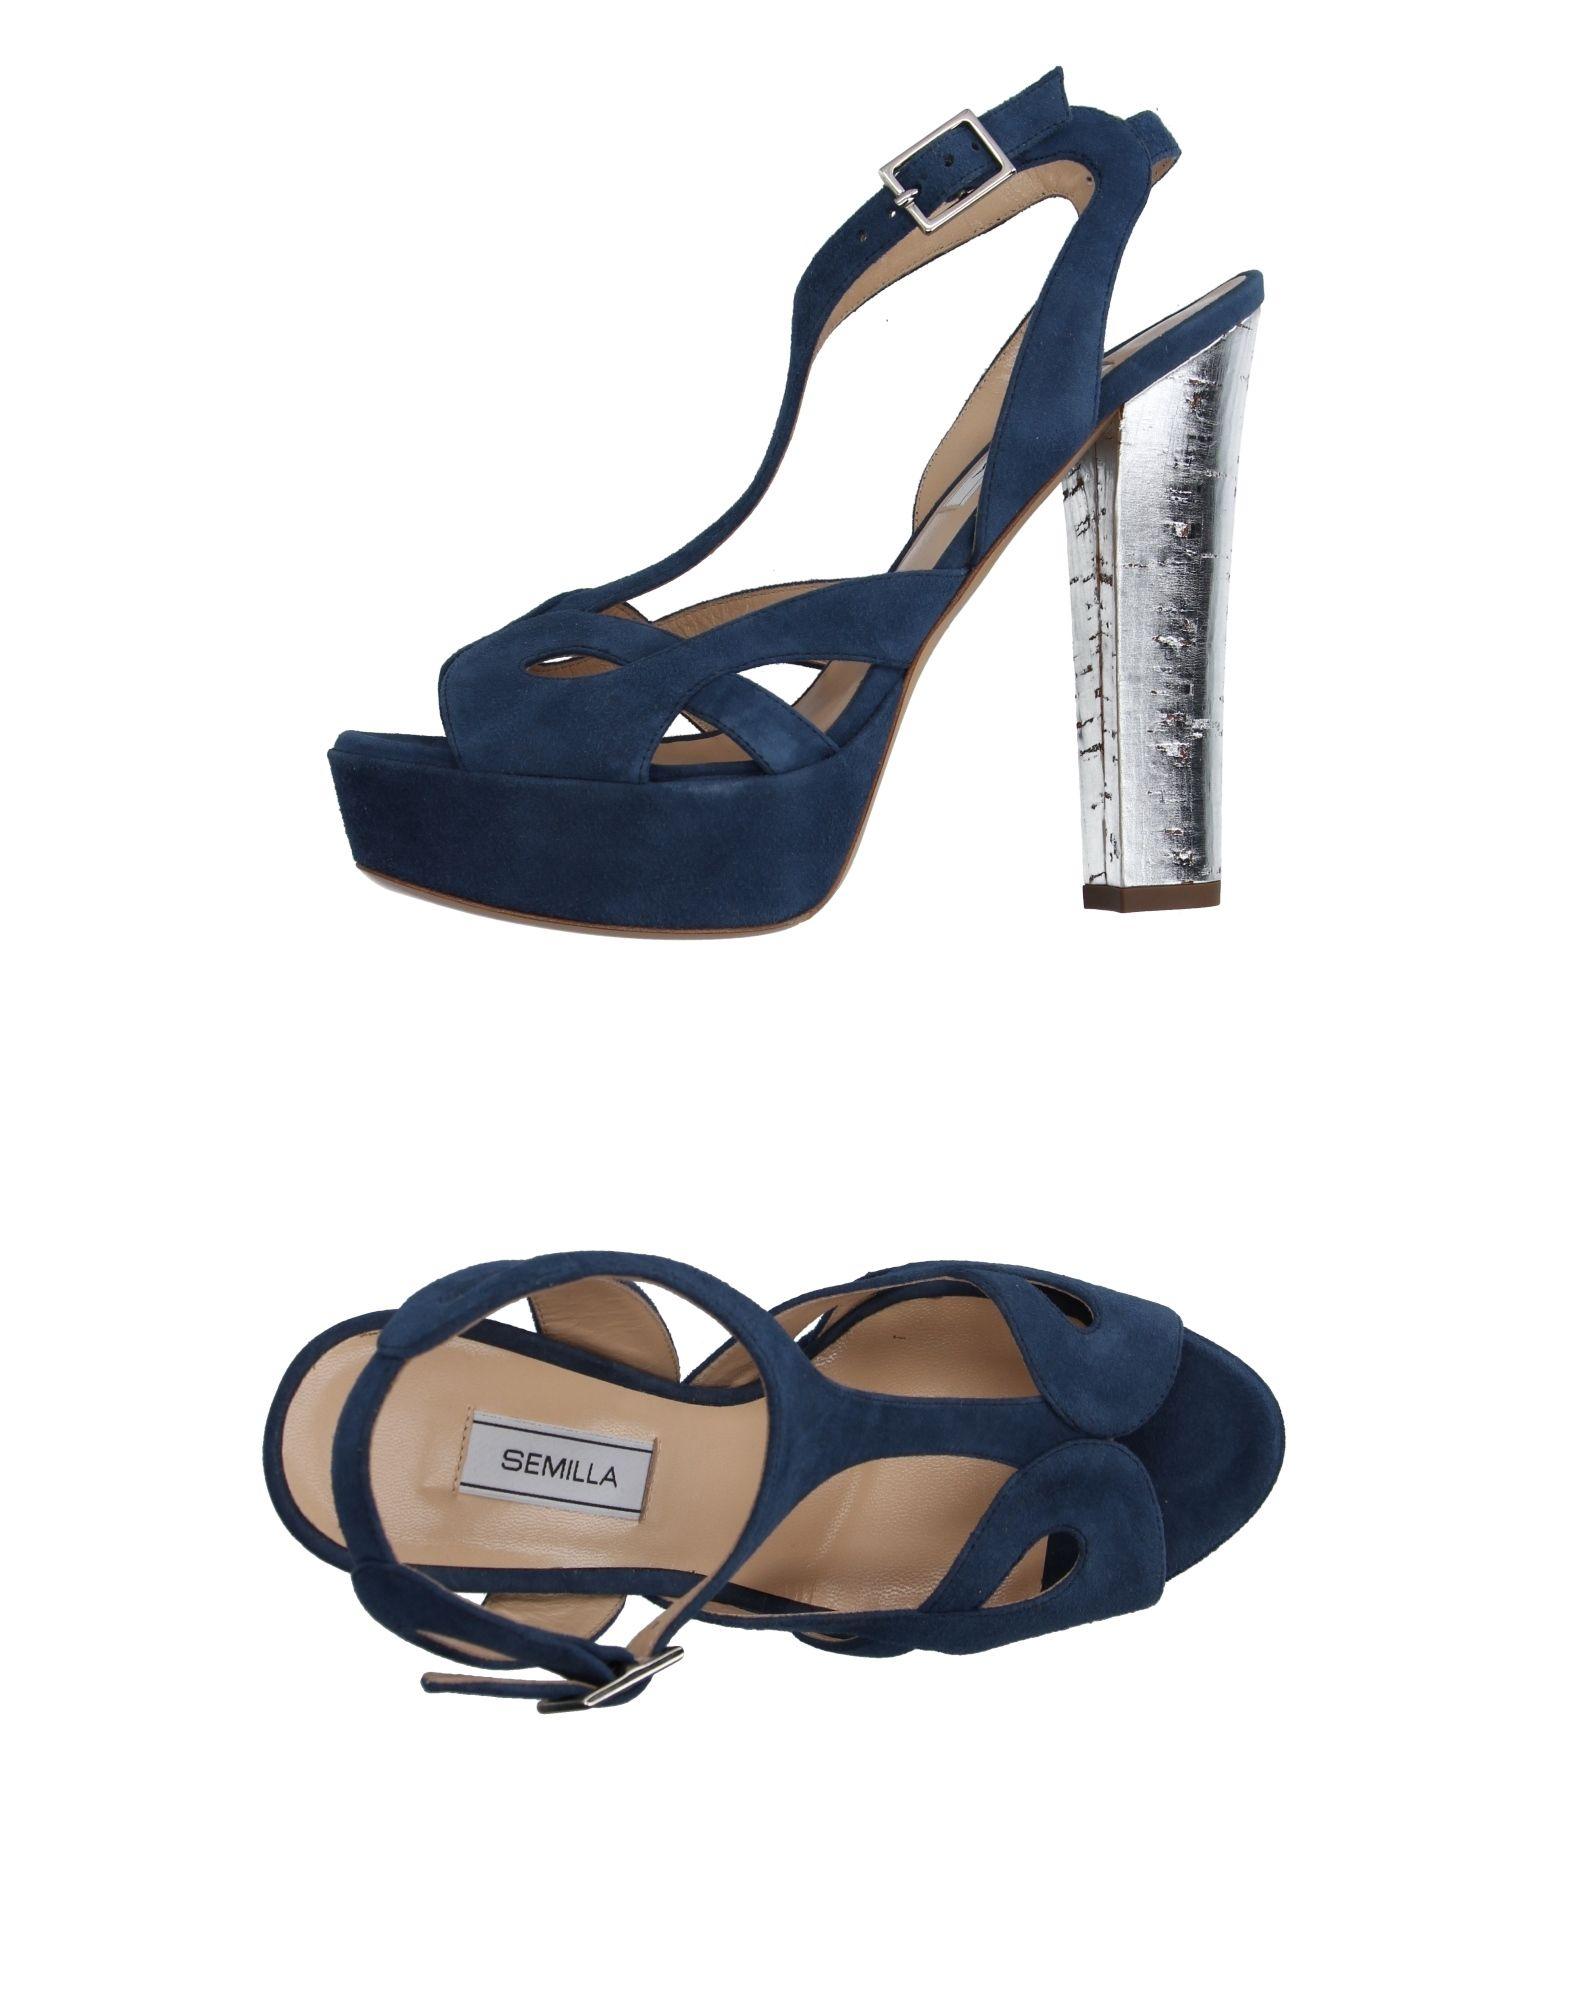 Moda Sandali Semilla Semilla Sandali Donna - 11132849SK d2c1b0